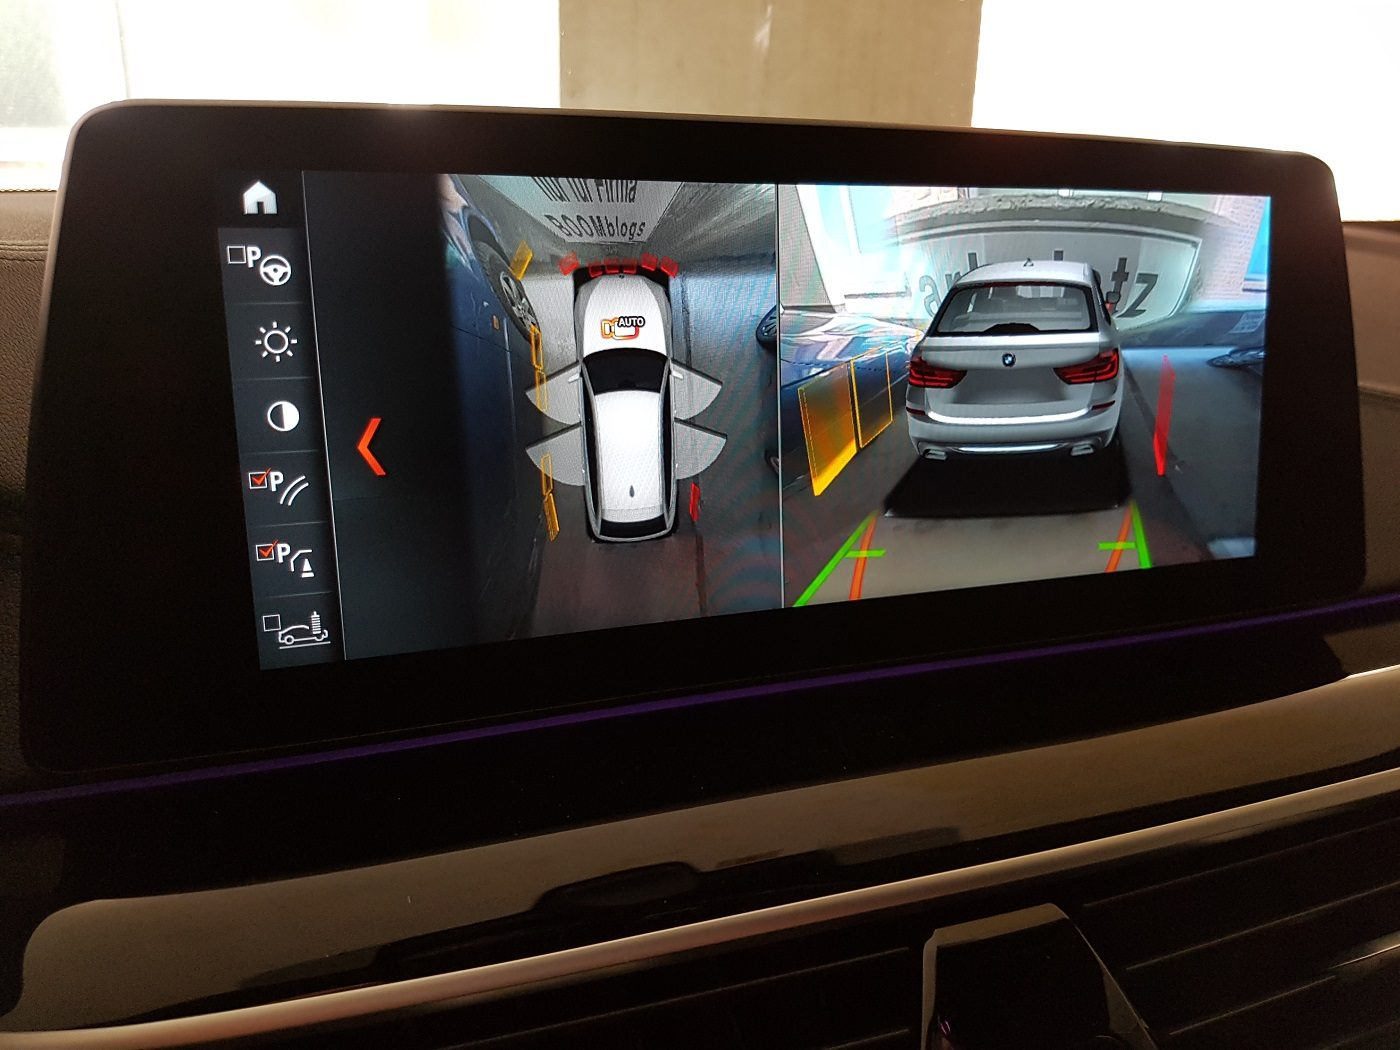 BMW 530i Touring Familienauto Kameras